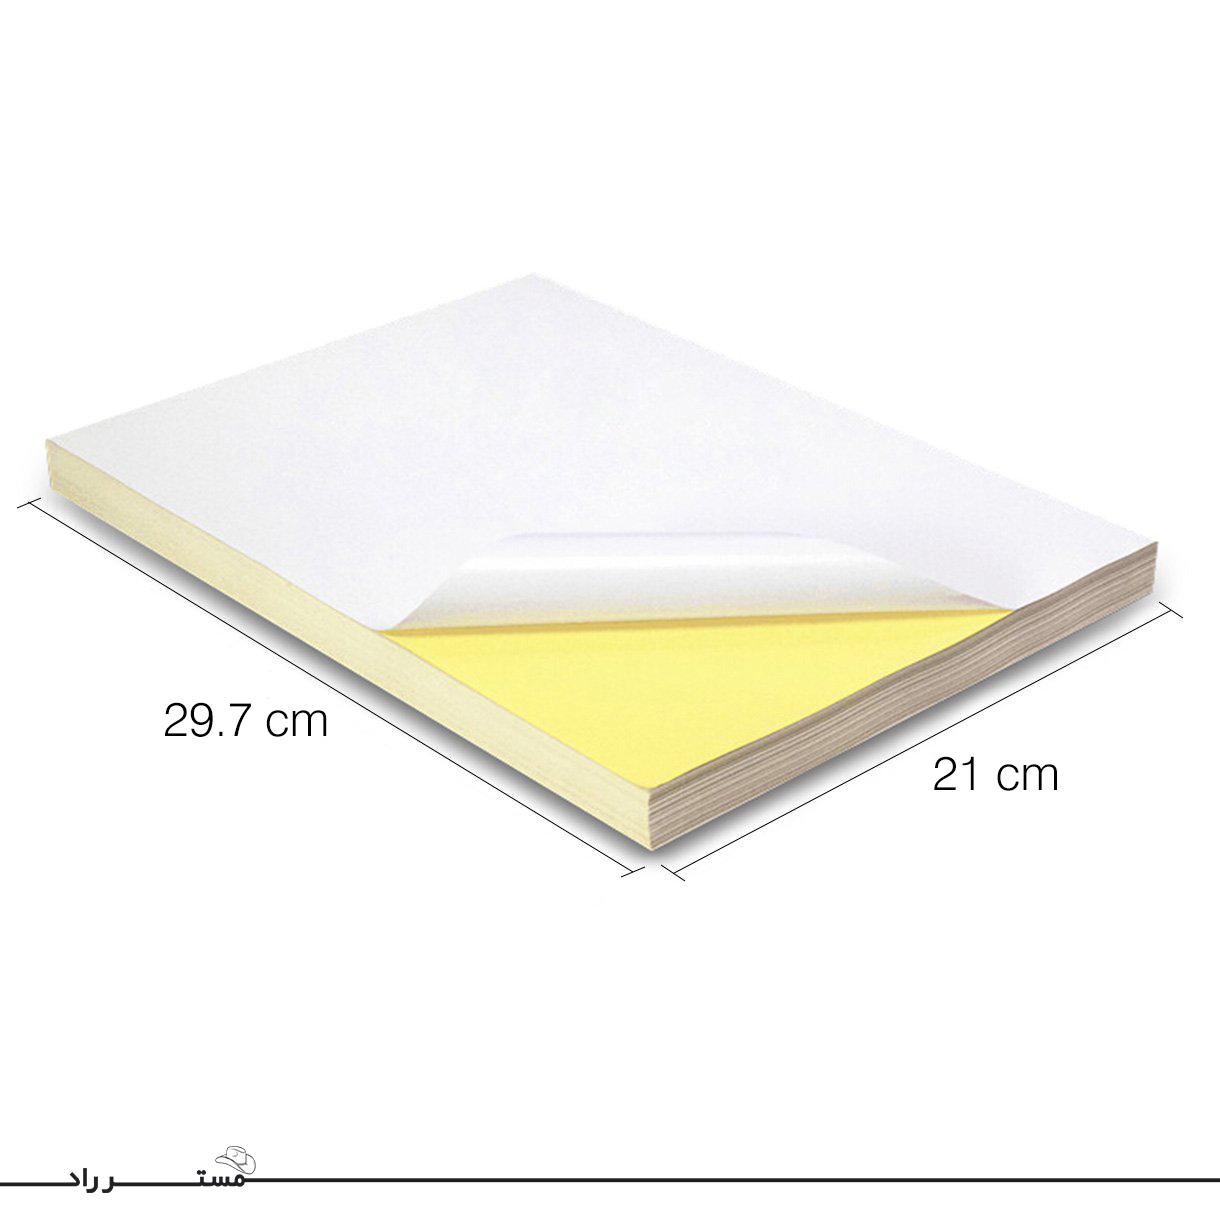 کاغذ چسب دار A4 مات FG کد 1362 بسته 20 عددی